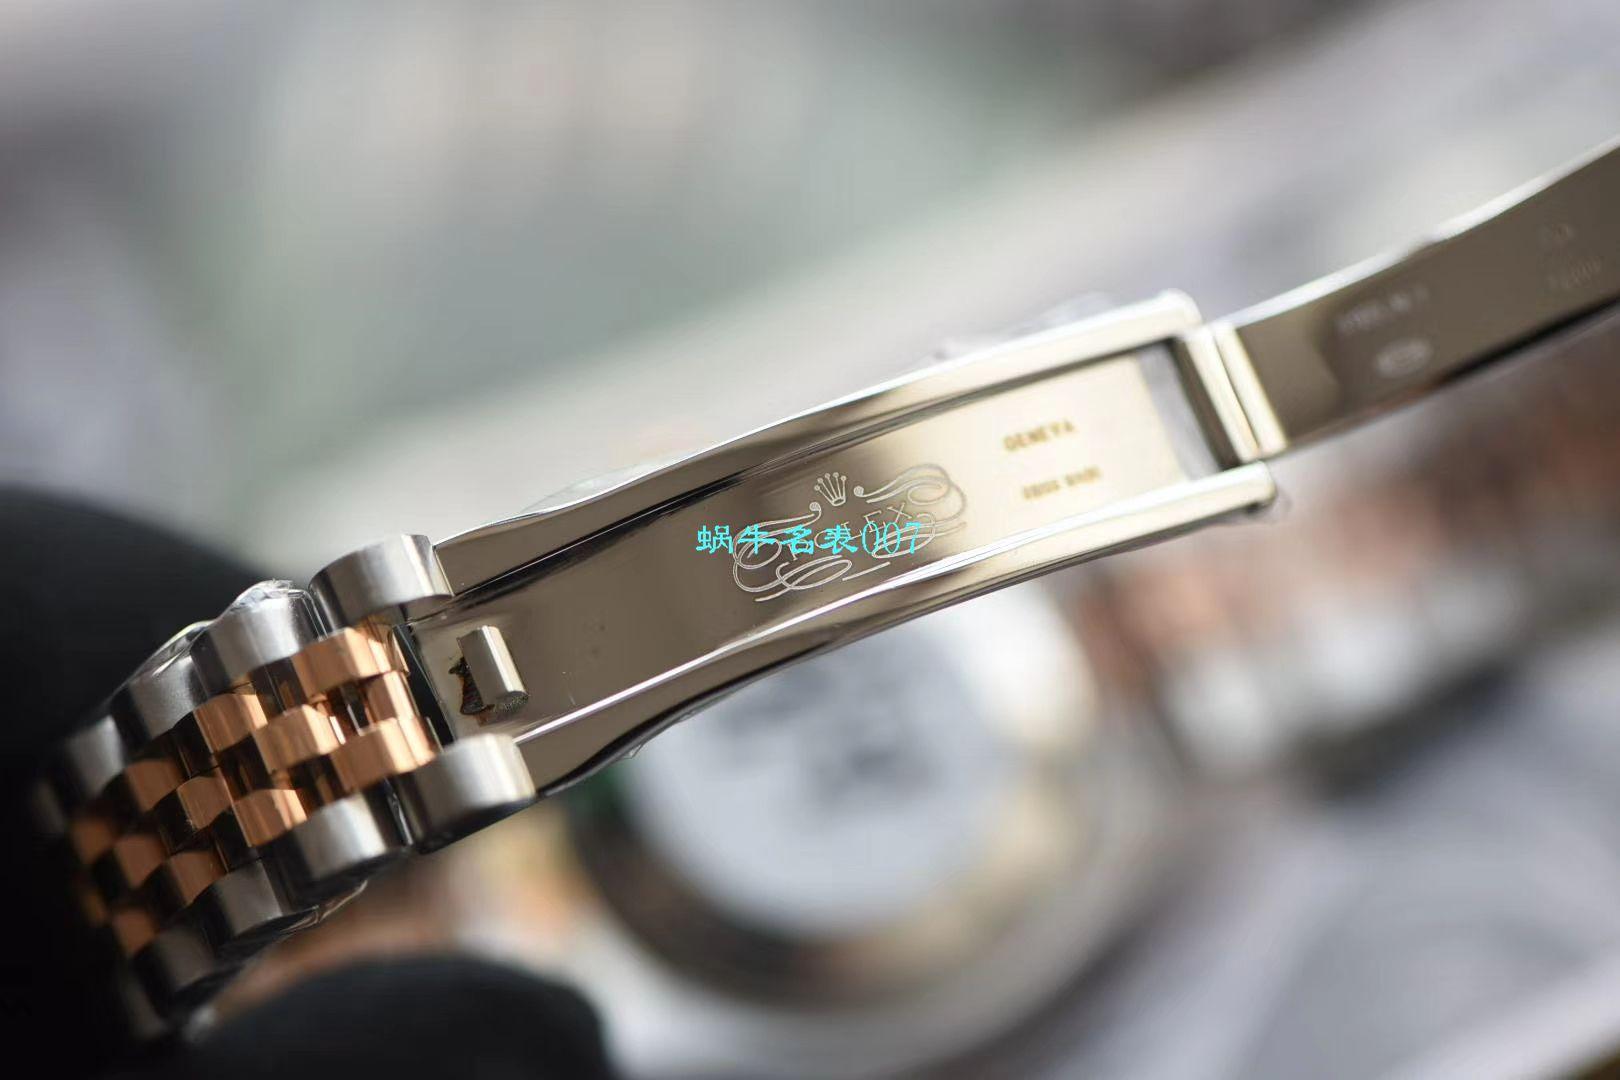 台湾厂顶级复刻劳力士女装日志型31毫米系列178271腕表 / R530